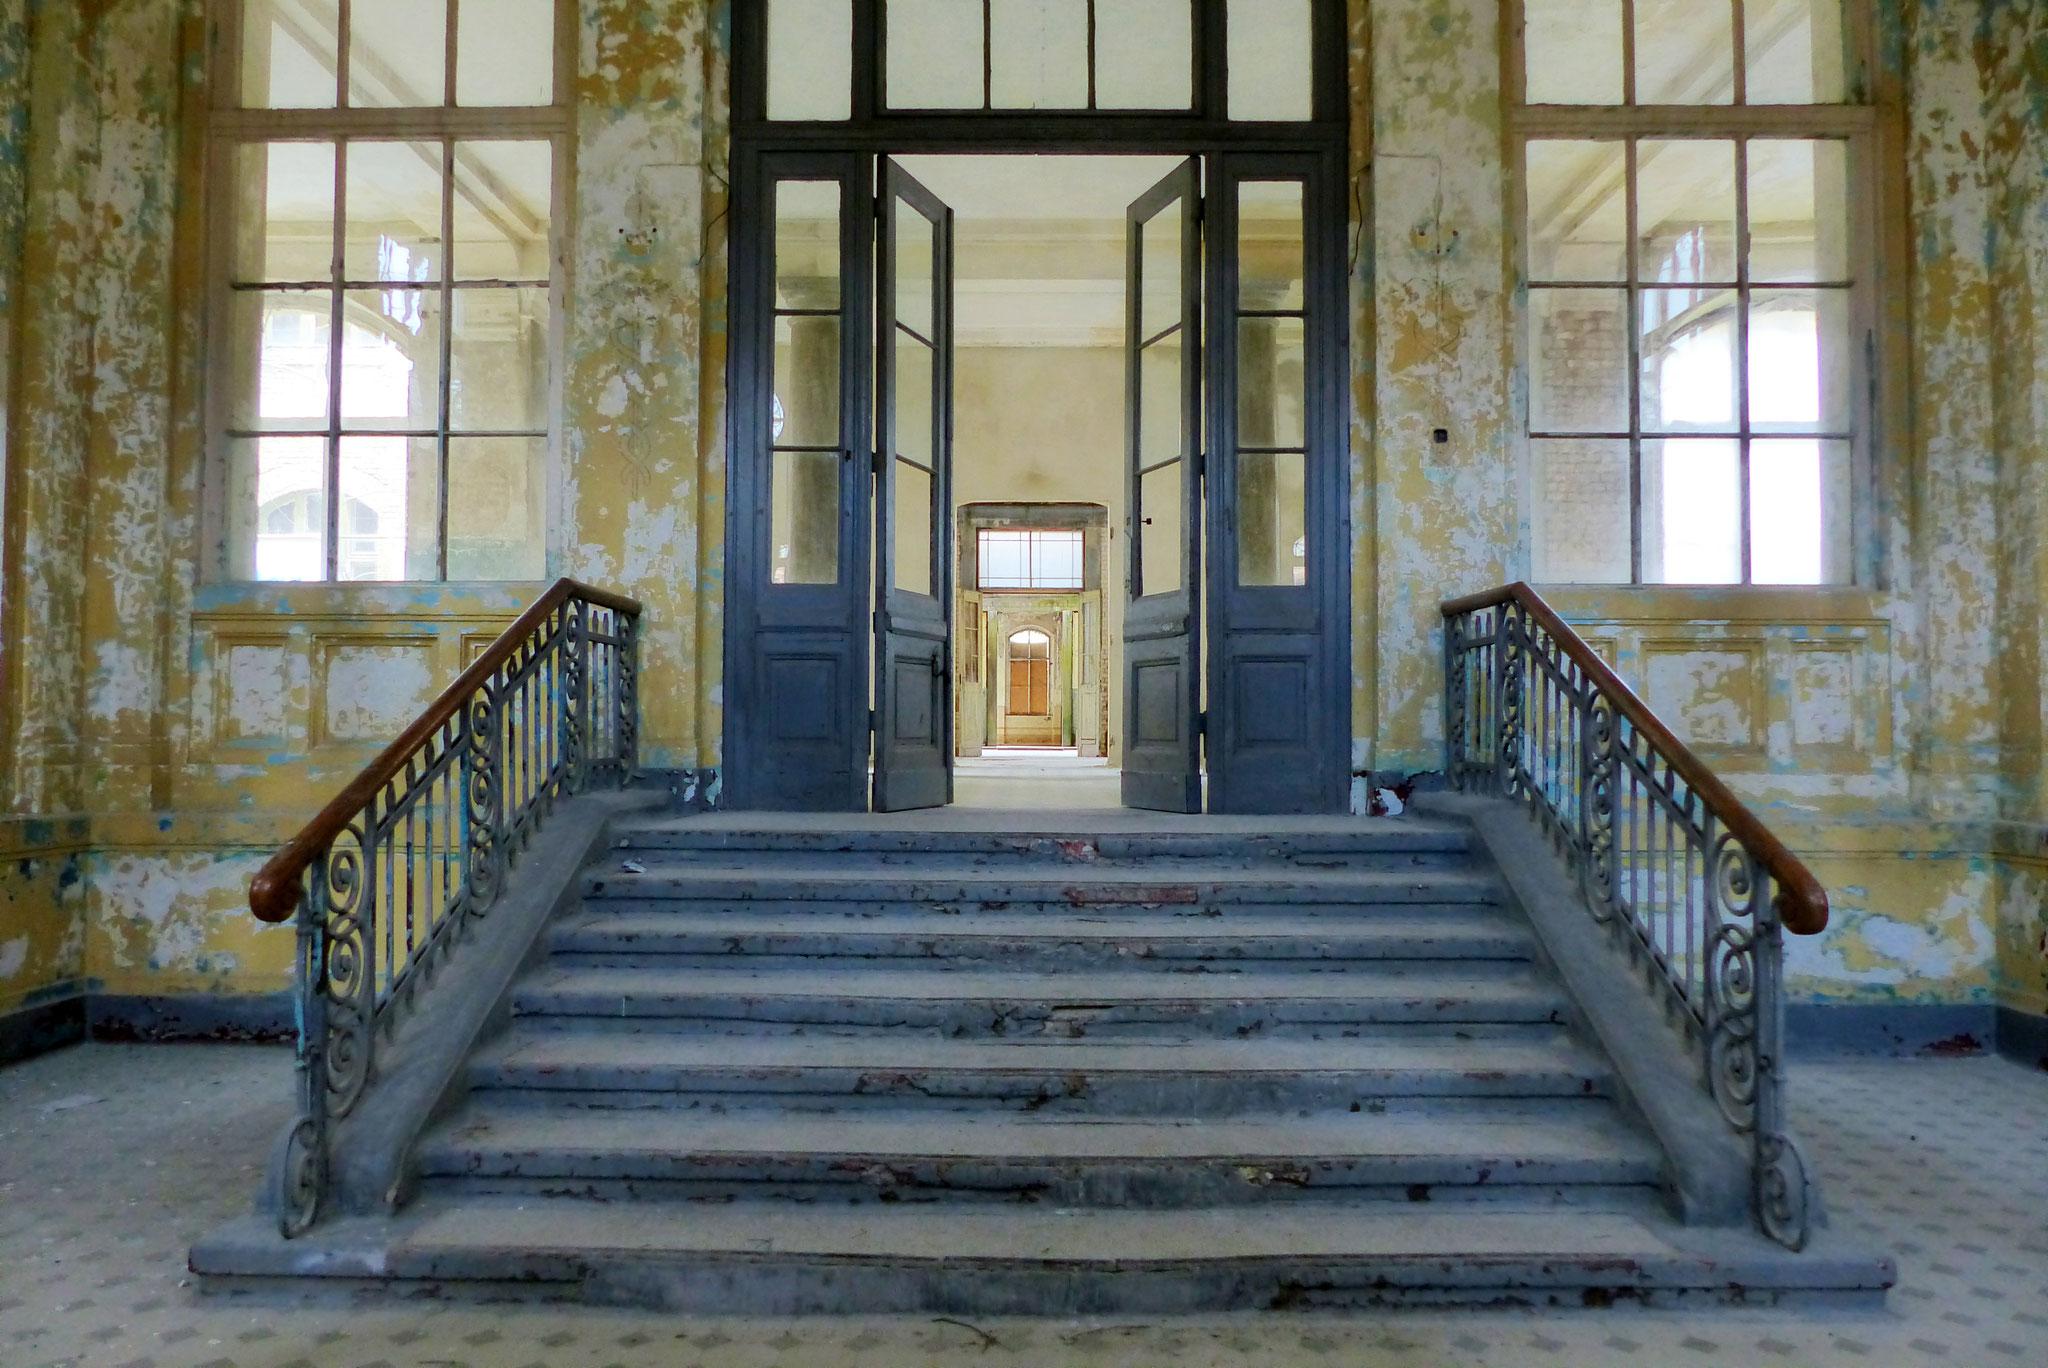 Eingang der ehem. Lungenheilanstalt in Beelitz